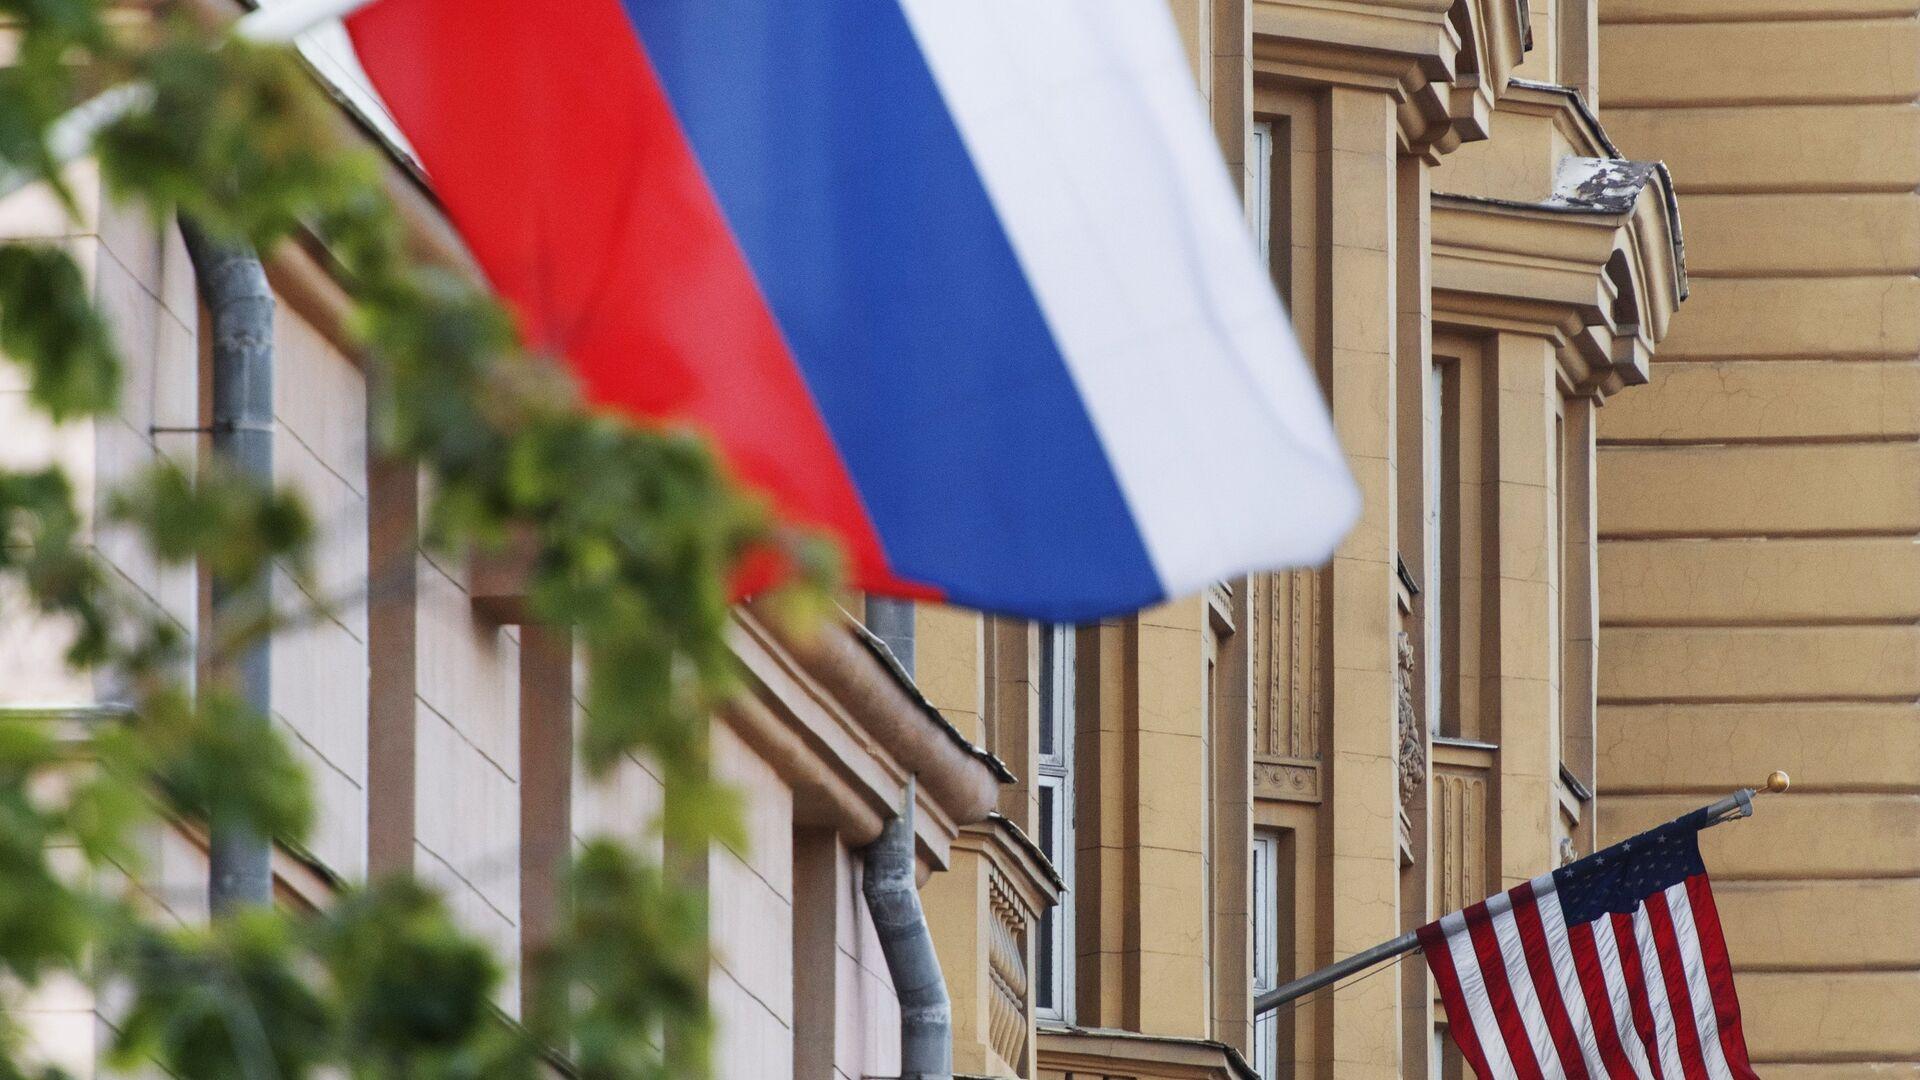 Η ρωσική πρεσβεία στις ΗΠΑ. - Sputnik Ελλάδα, 1920, 12.10.2021